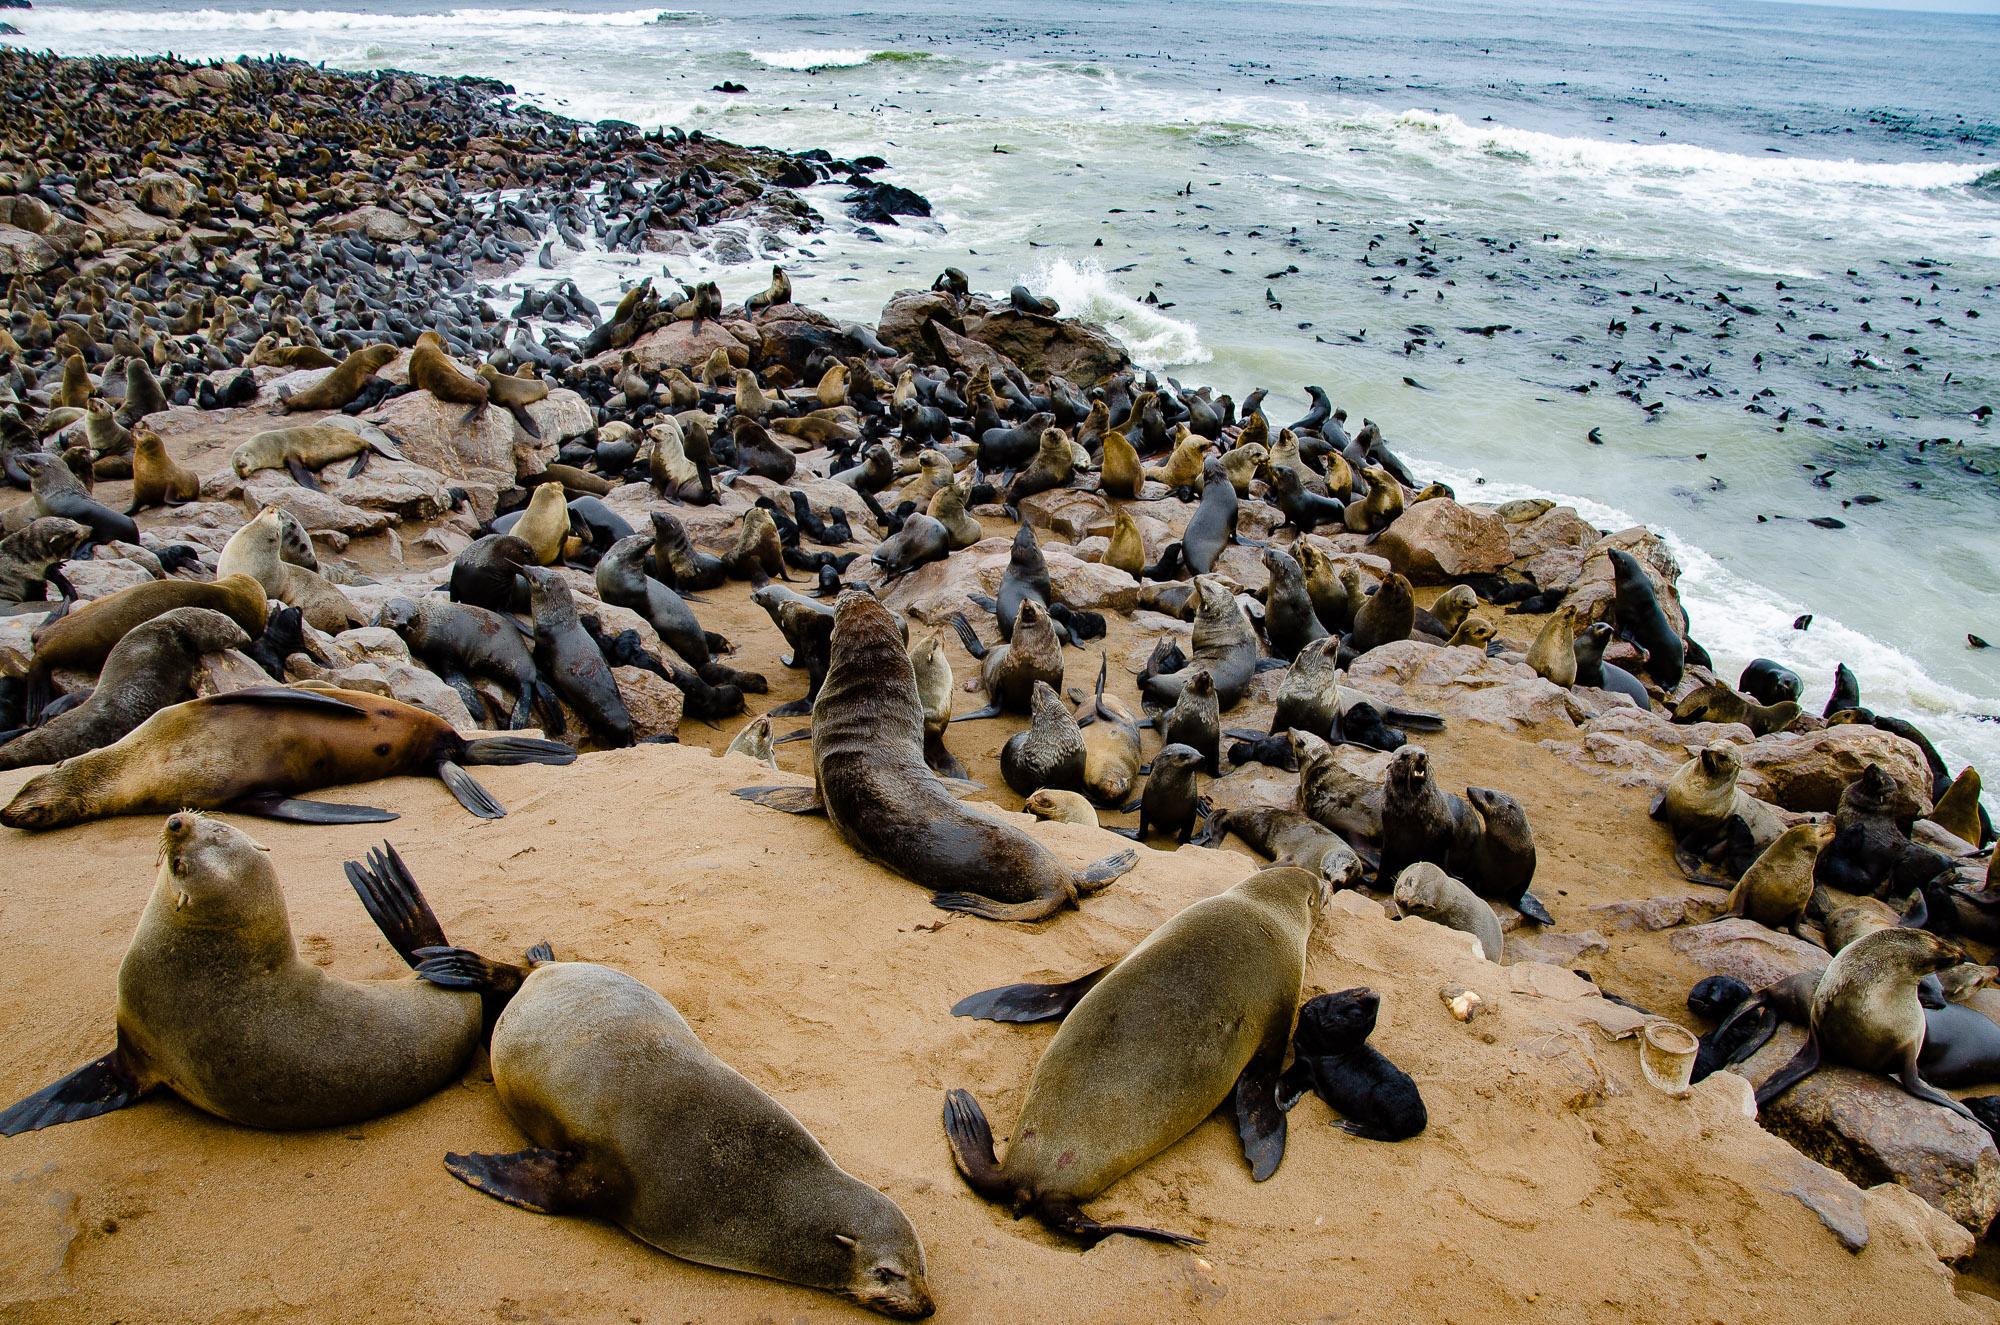 colonie phoques cape cross - swakopmund - le desert du namibie - afrique, namibie